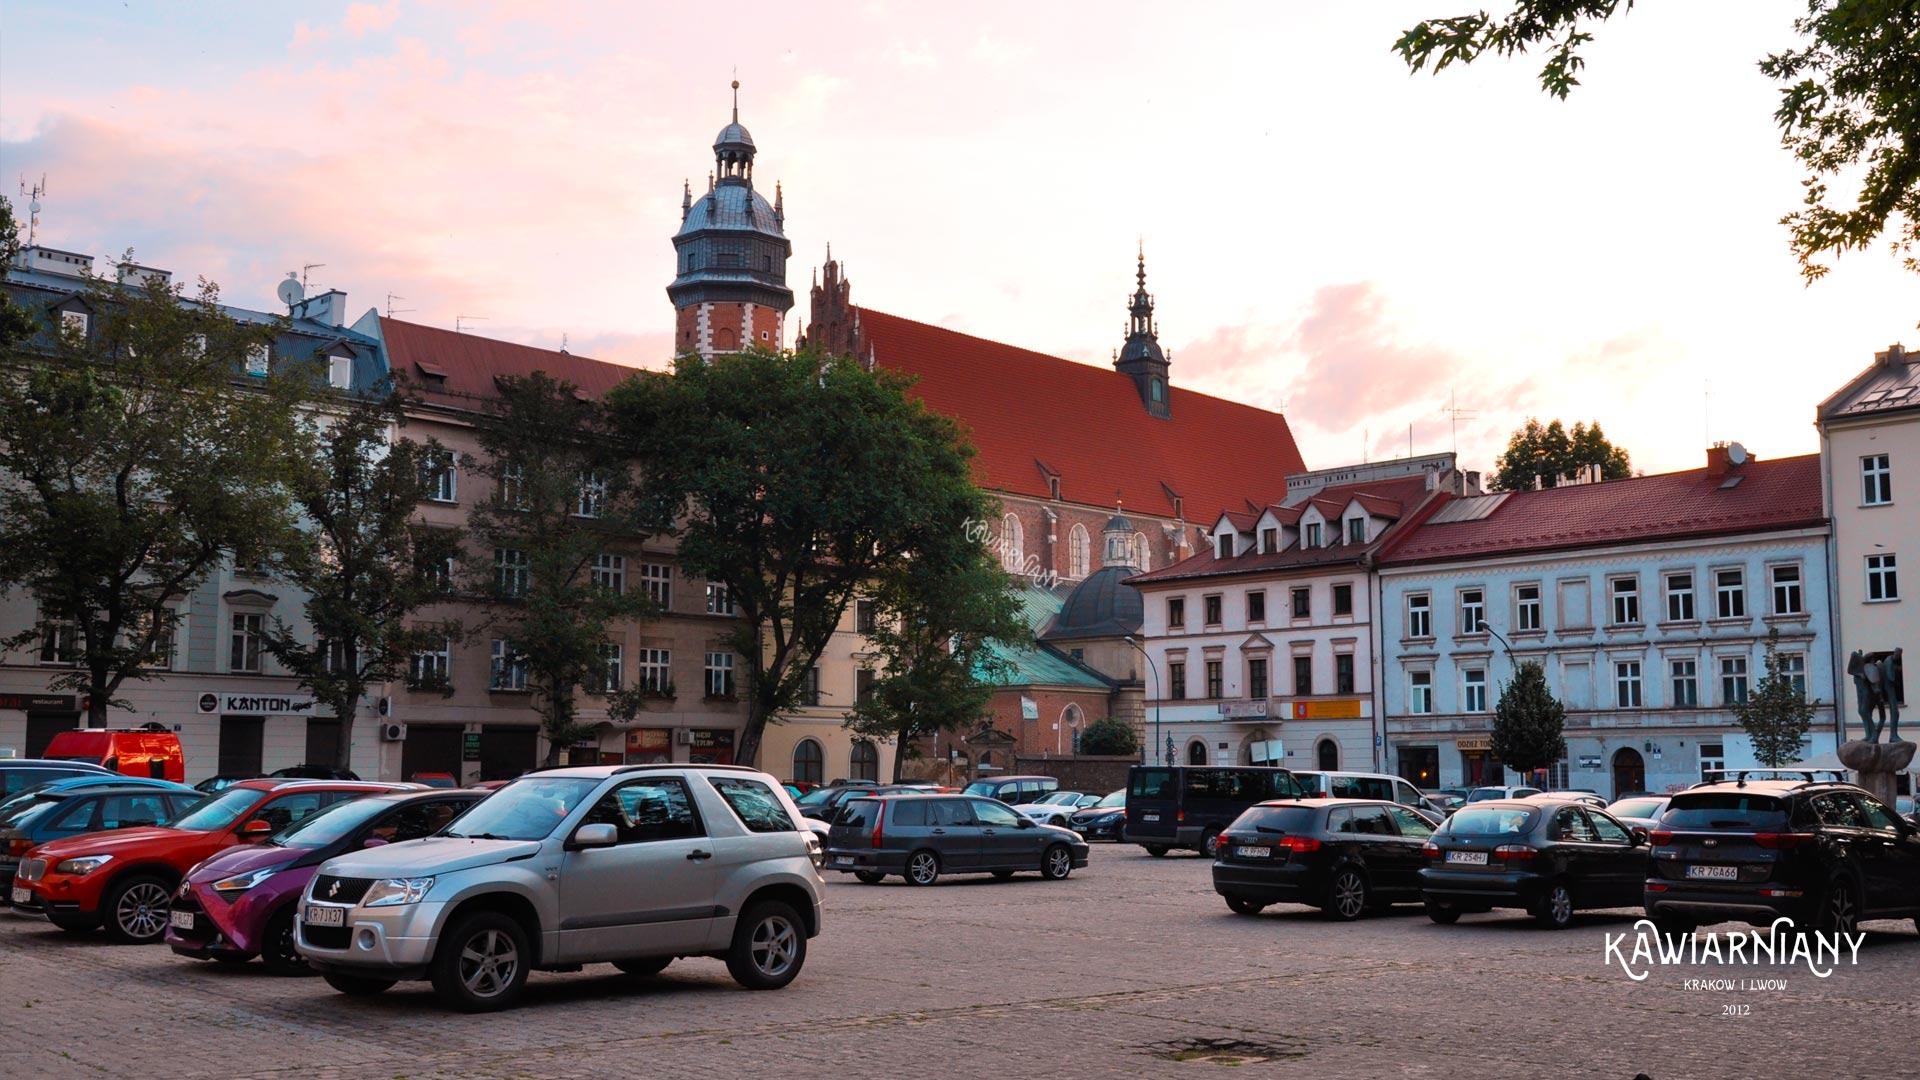 Czy na Kazimierzu w Krakowie jest Rynek? Czy jest Ratusz?